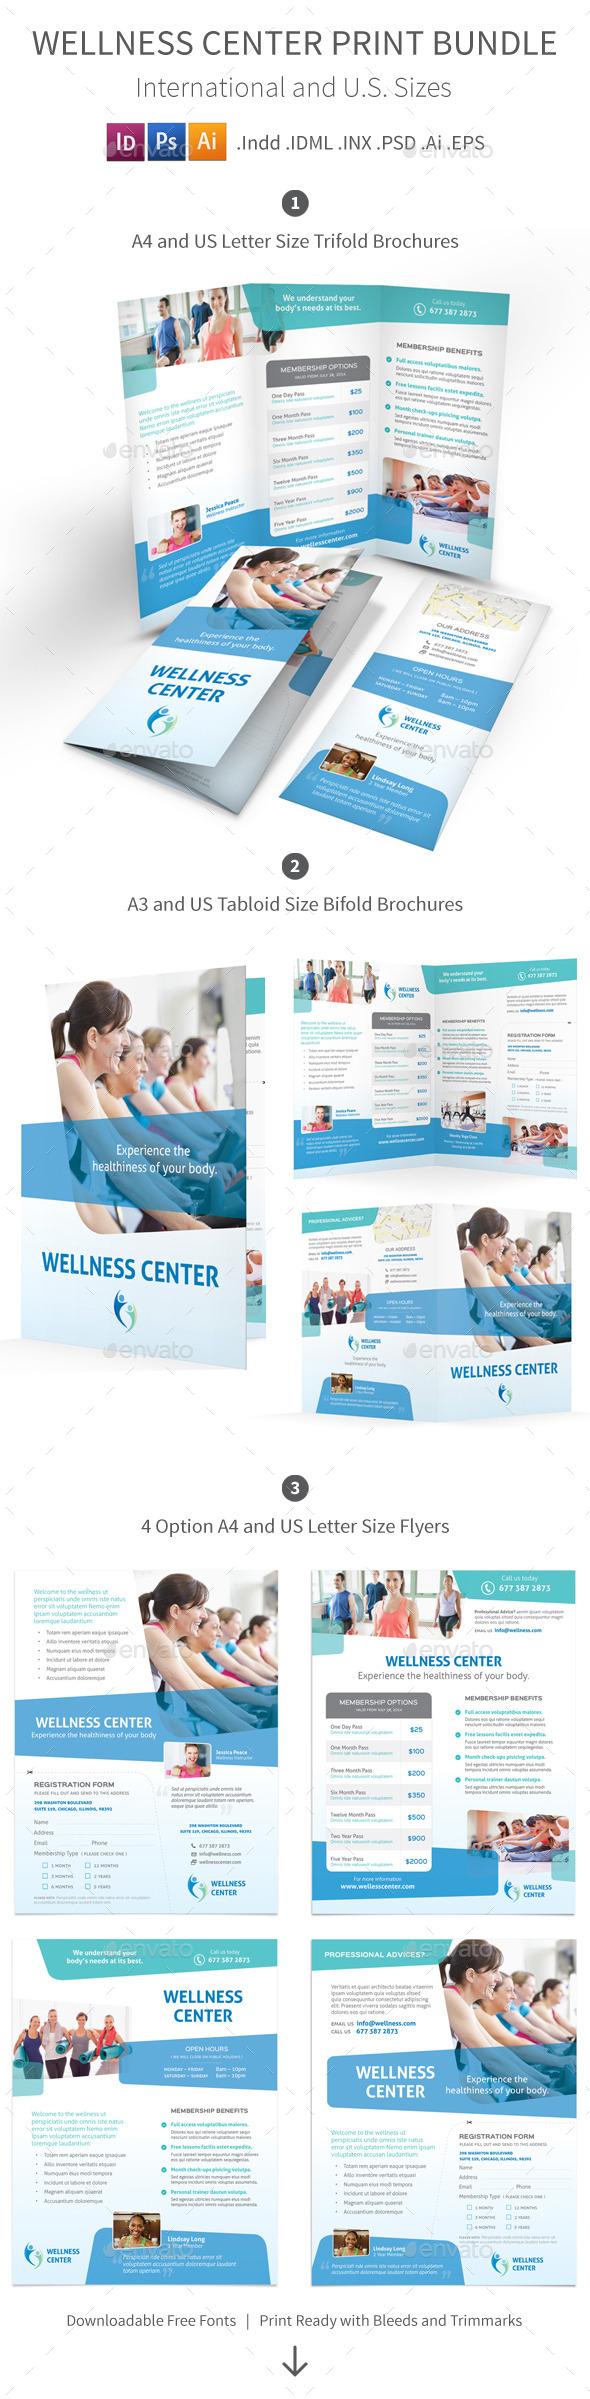 GraphicRiver Wellness Center Print Bundle 8916718